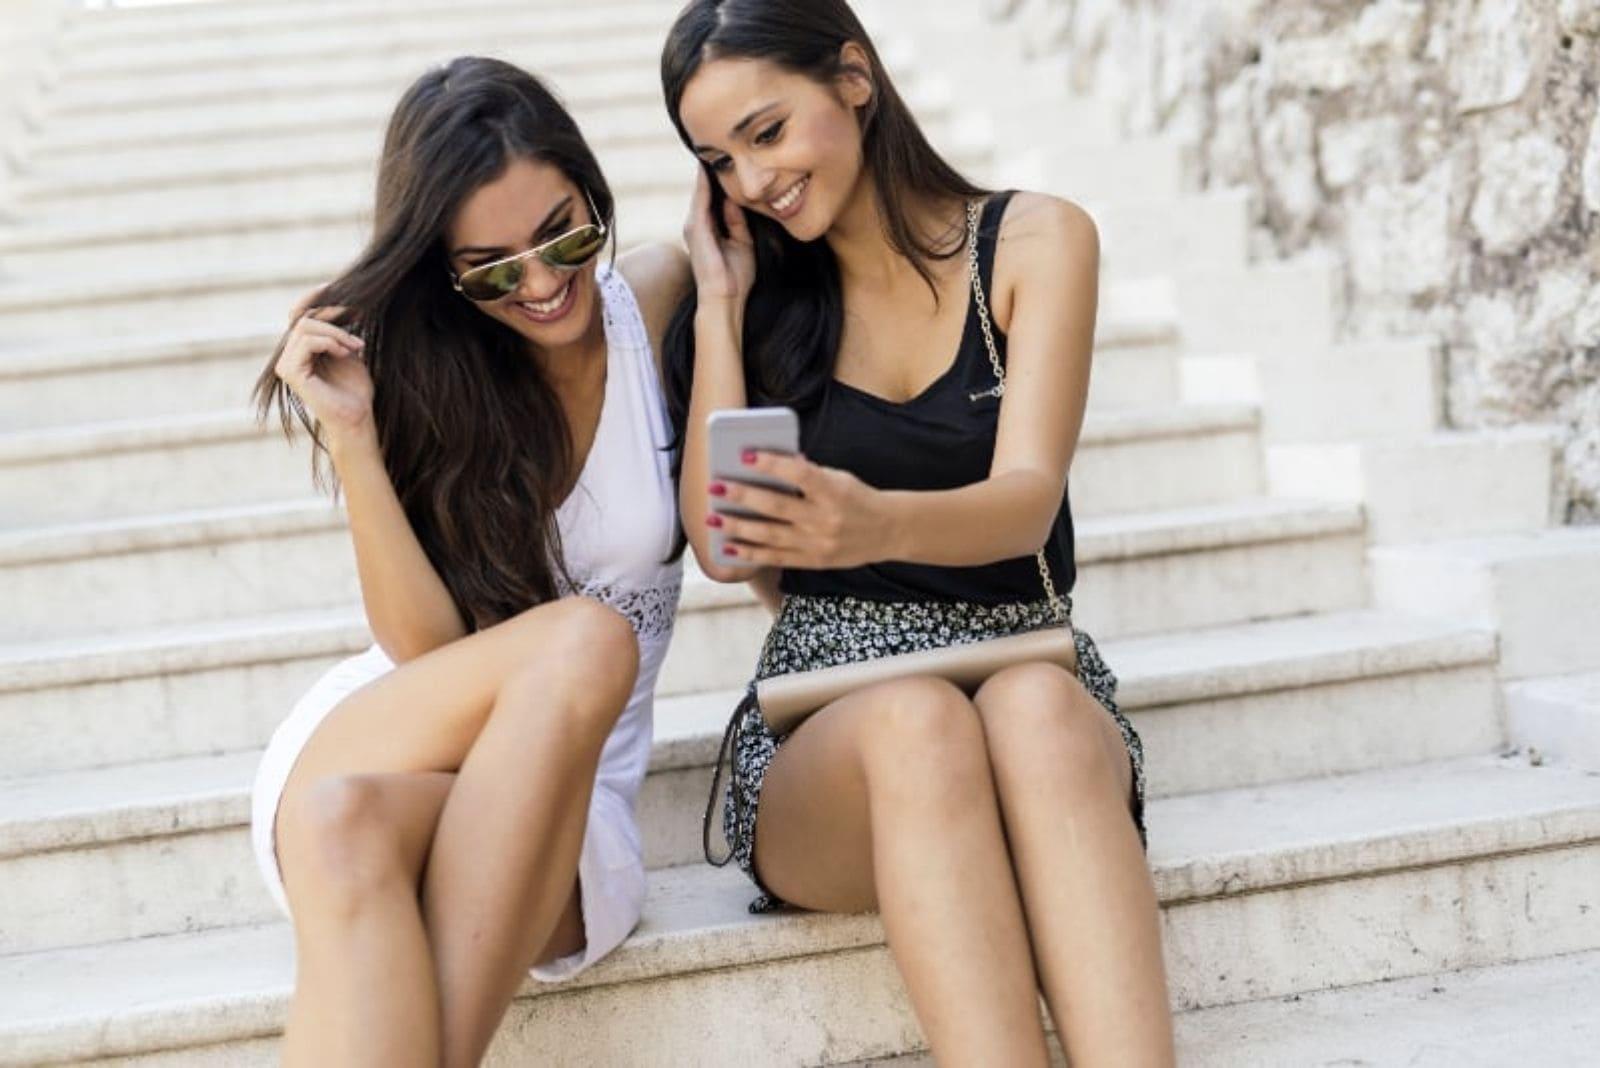 two friends taking a selfie